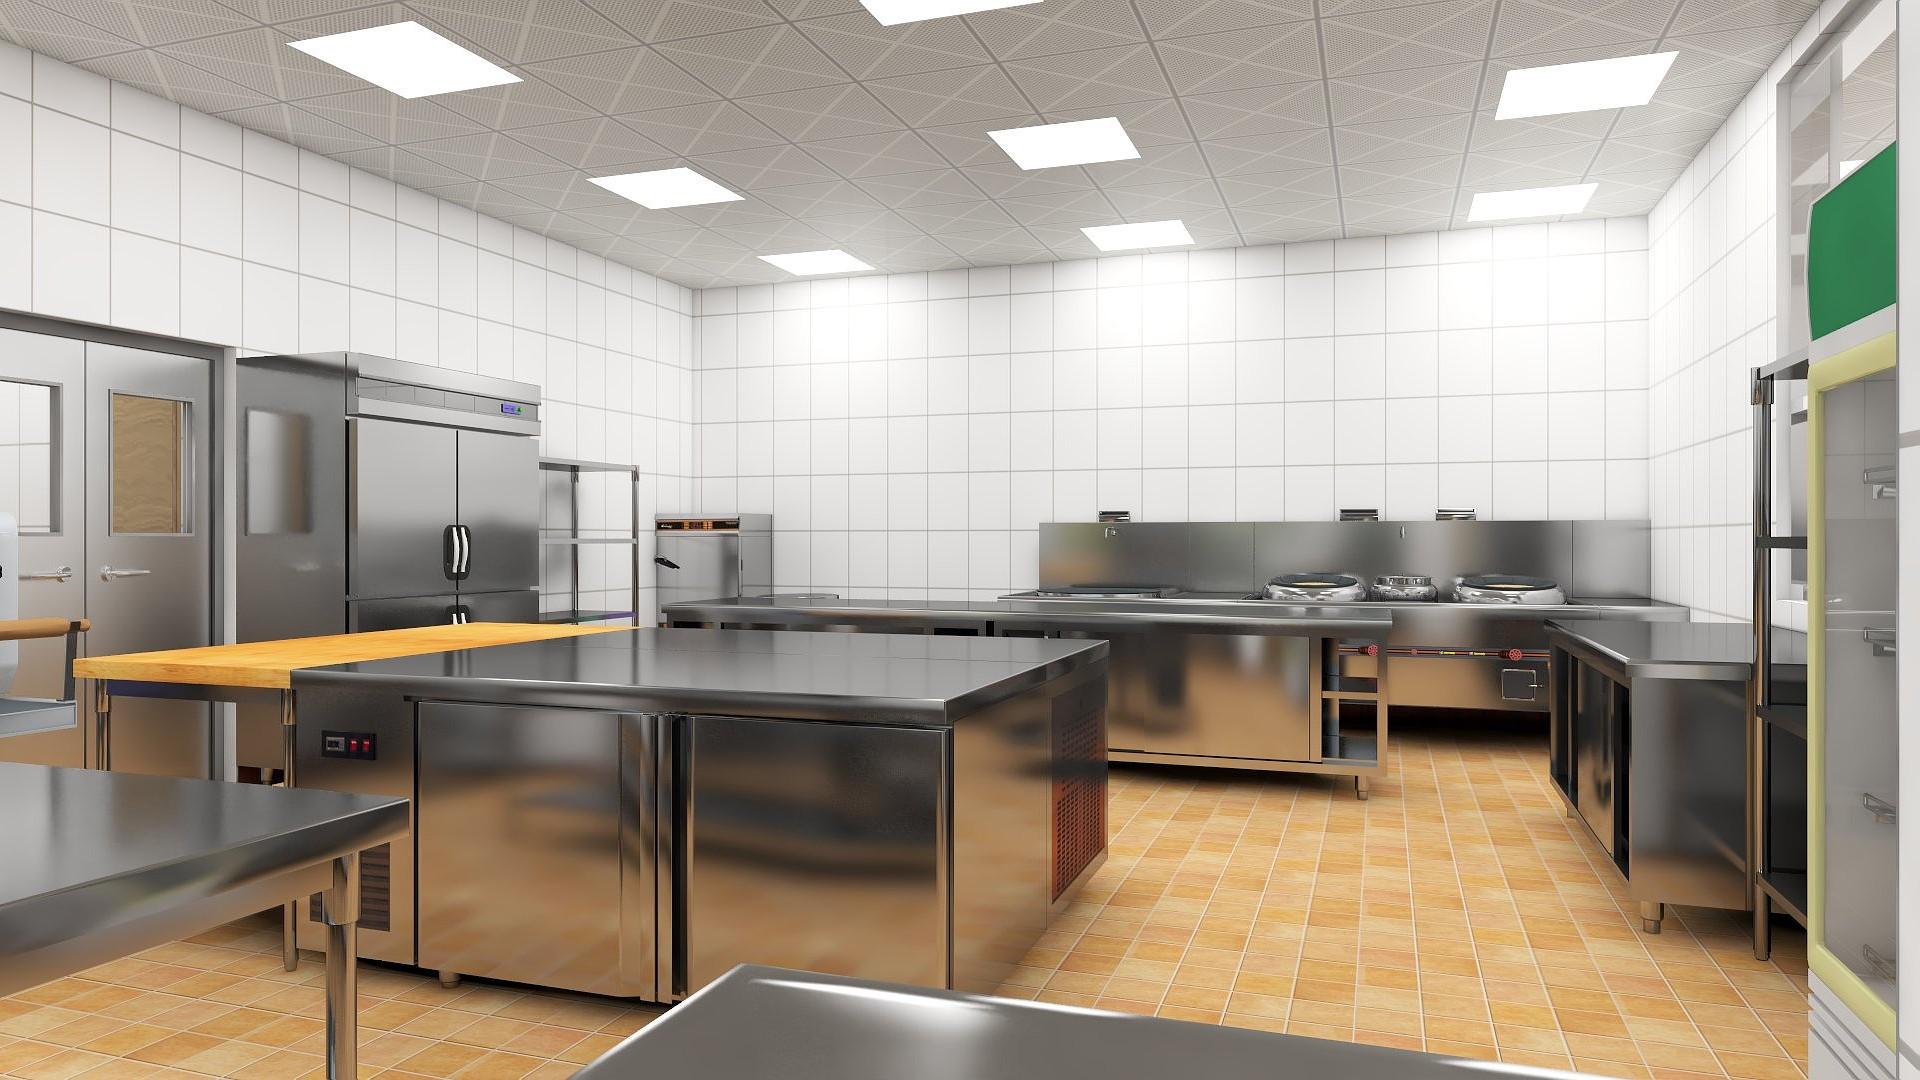 20平方米小饭馆厨房设备,何如设计才适用?